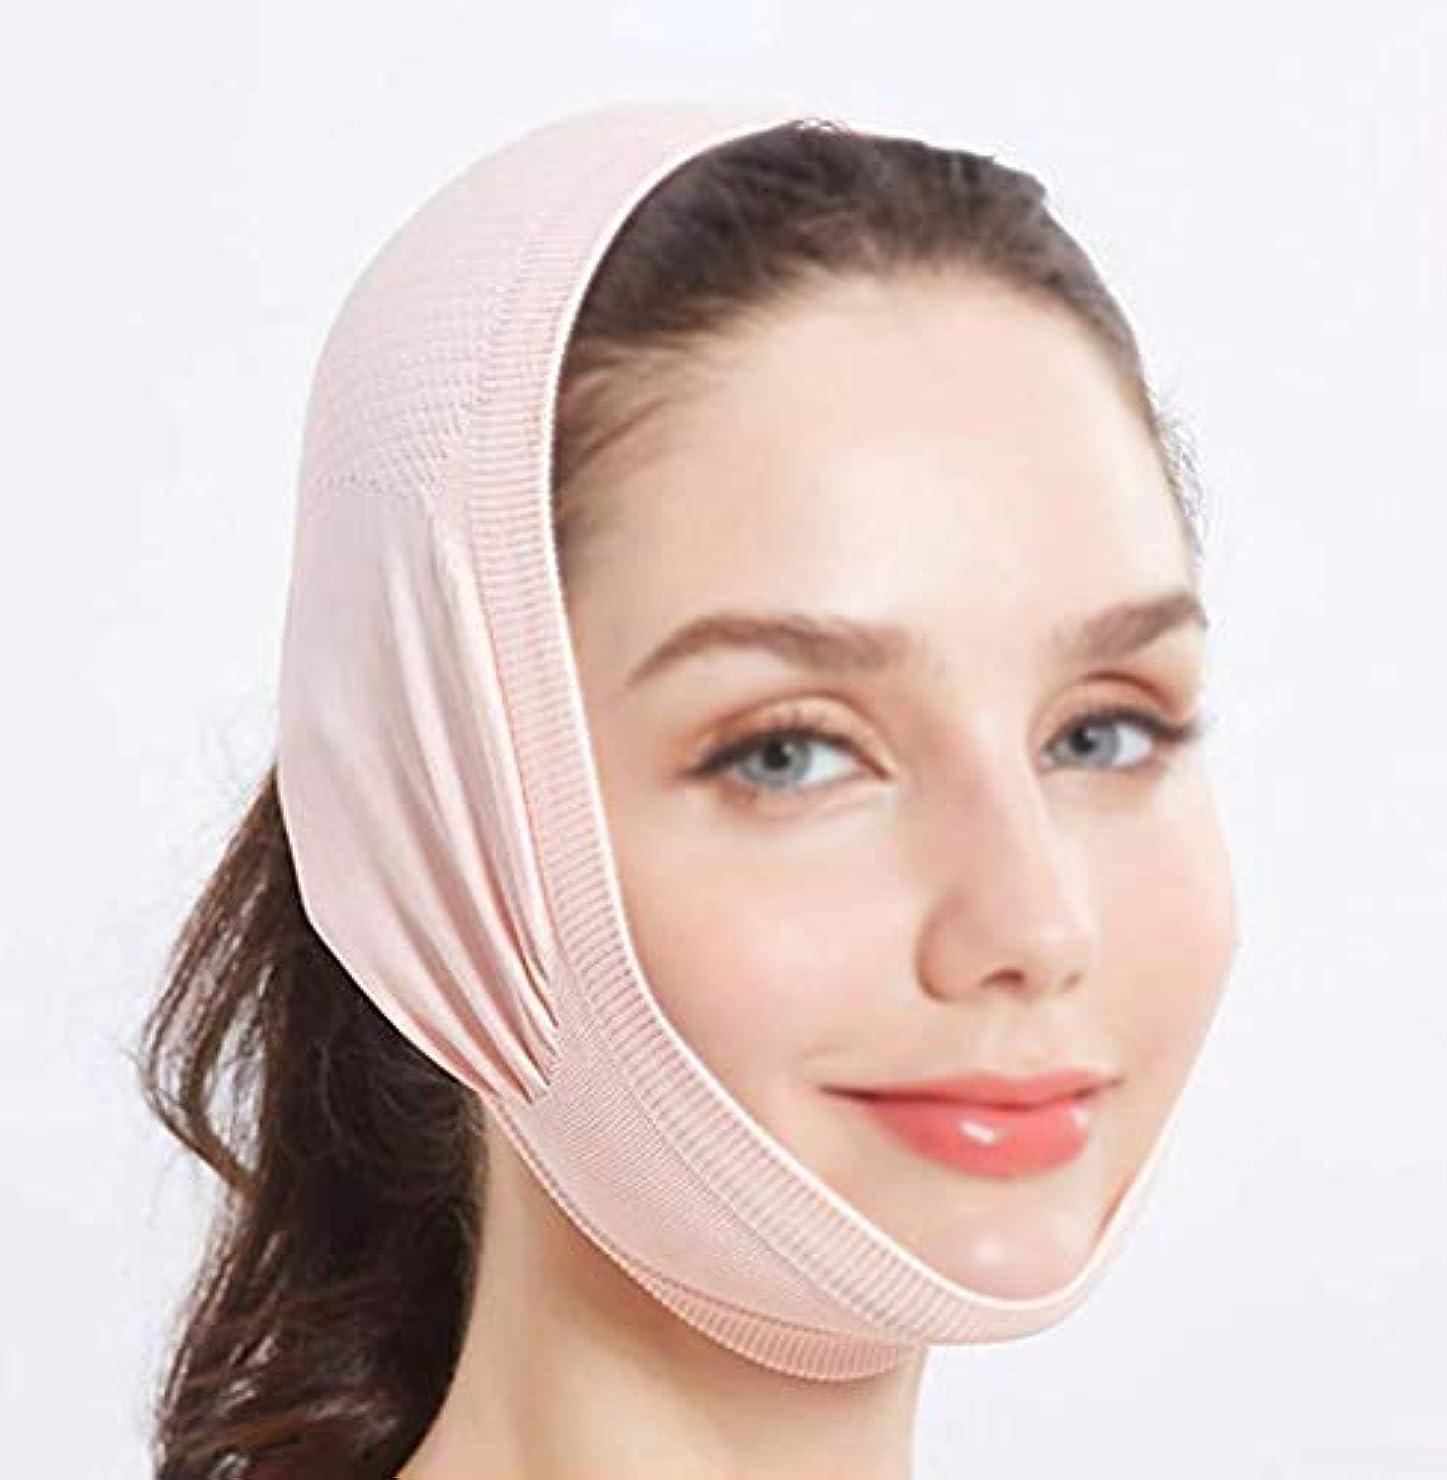 眠いですスクラップトランク美容と実用的なフェイスリフトマスク、フェイシャルマスクエクステンション強度フェイスレスバンデージバンディオンフェイスラージVラインカービングフェイスバックカバーネックストラップ(色:ピンク)